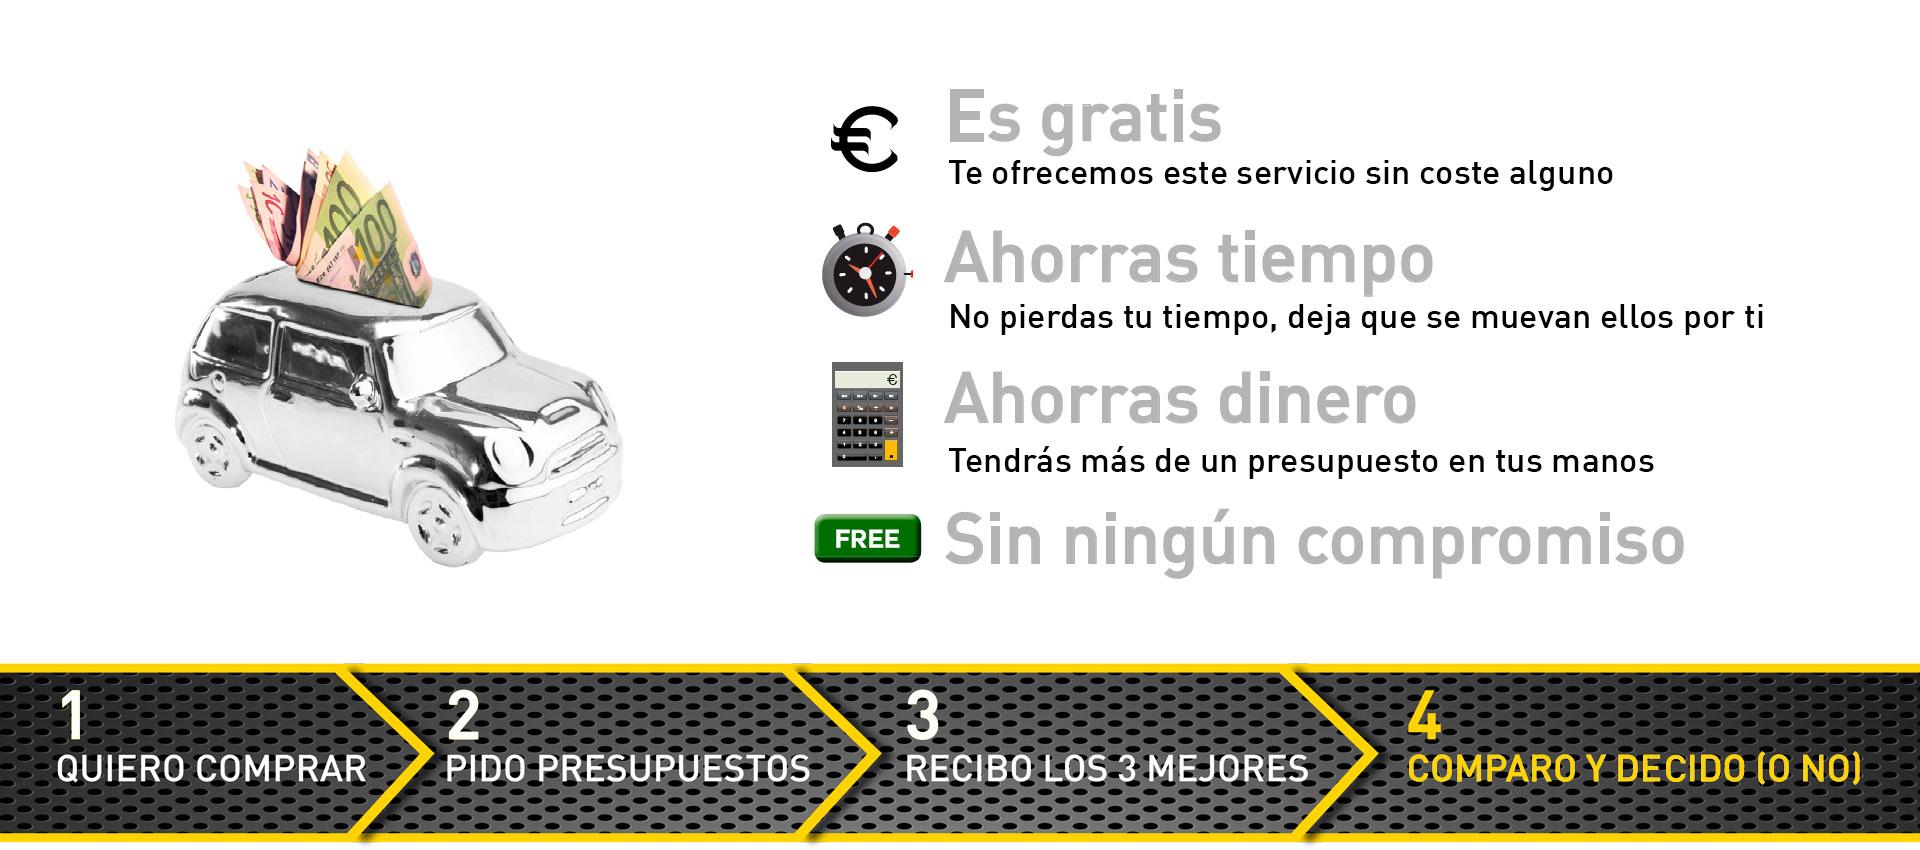 PRIXIgo, una herramienta que facilita la compra de un coche nuevo